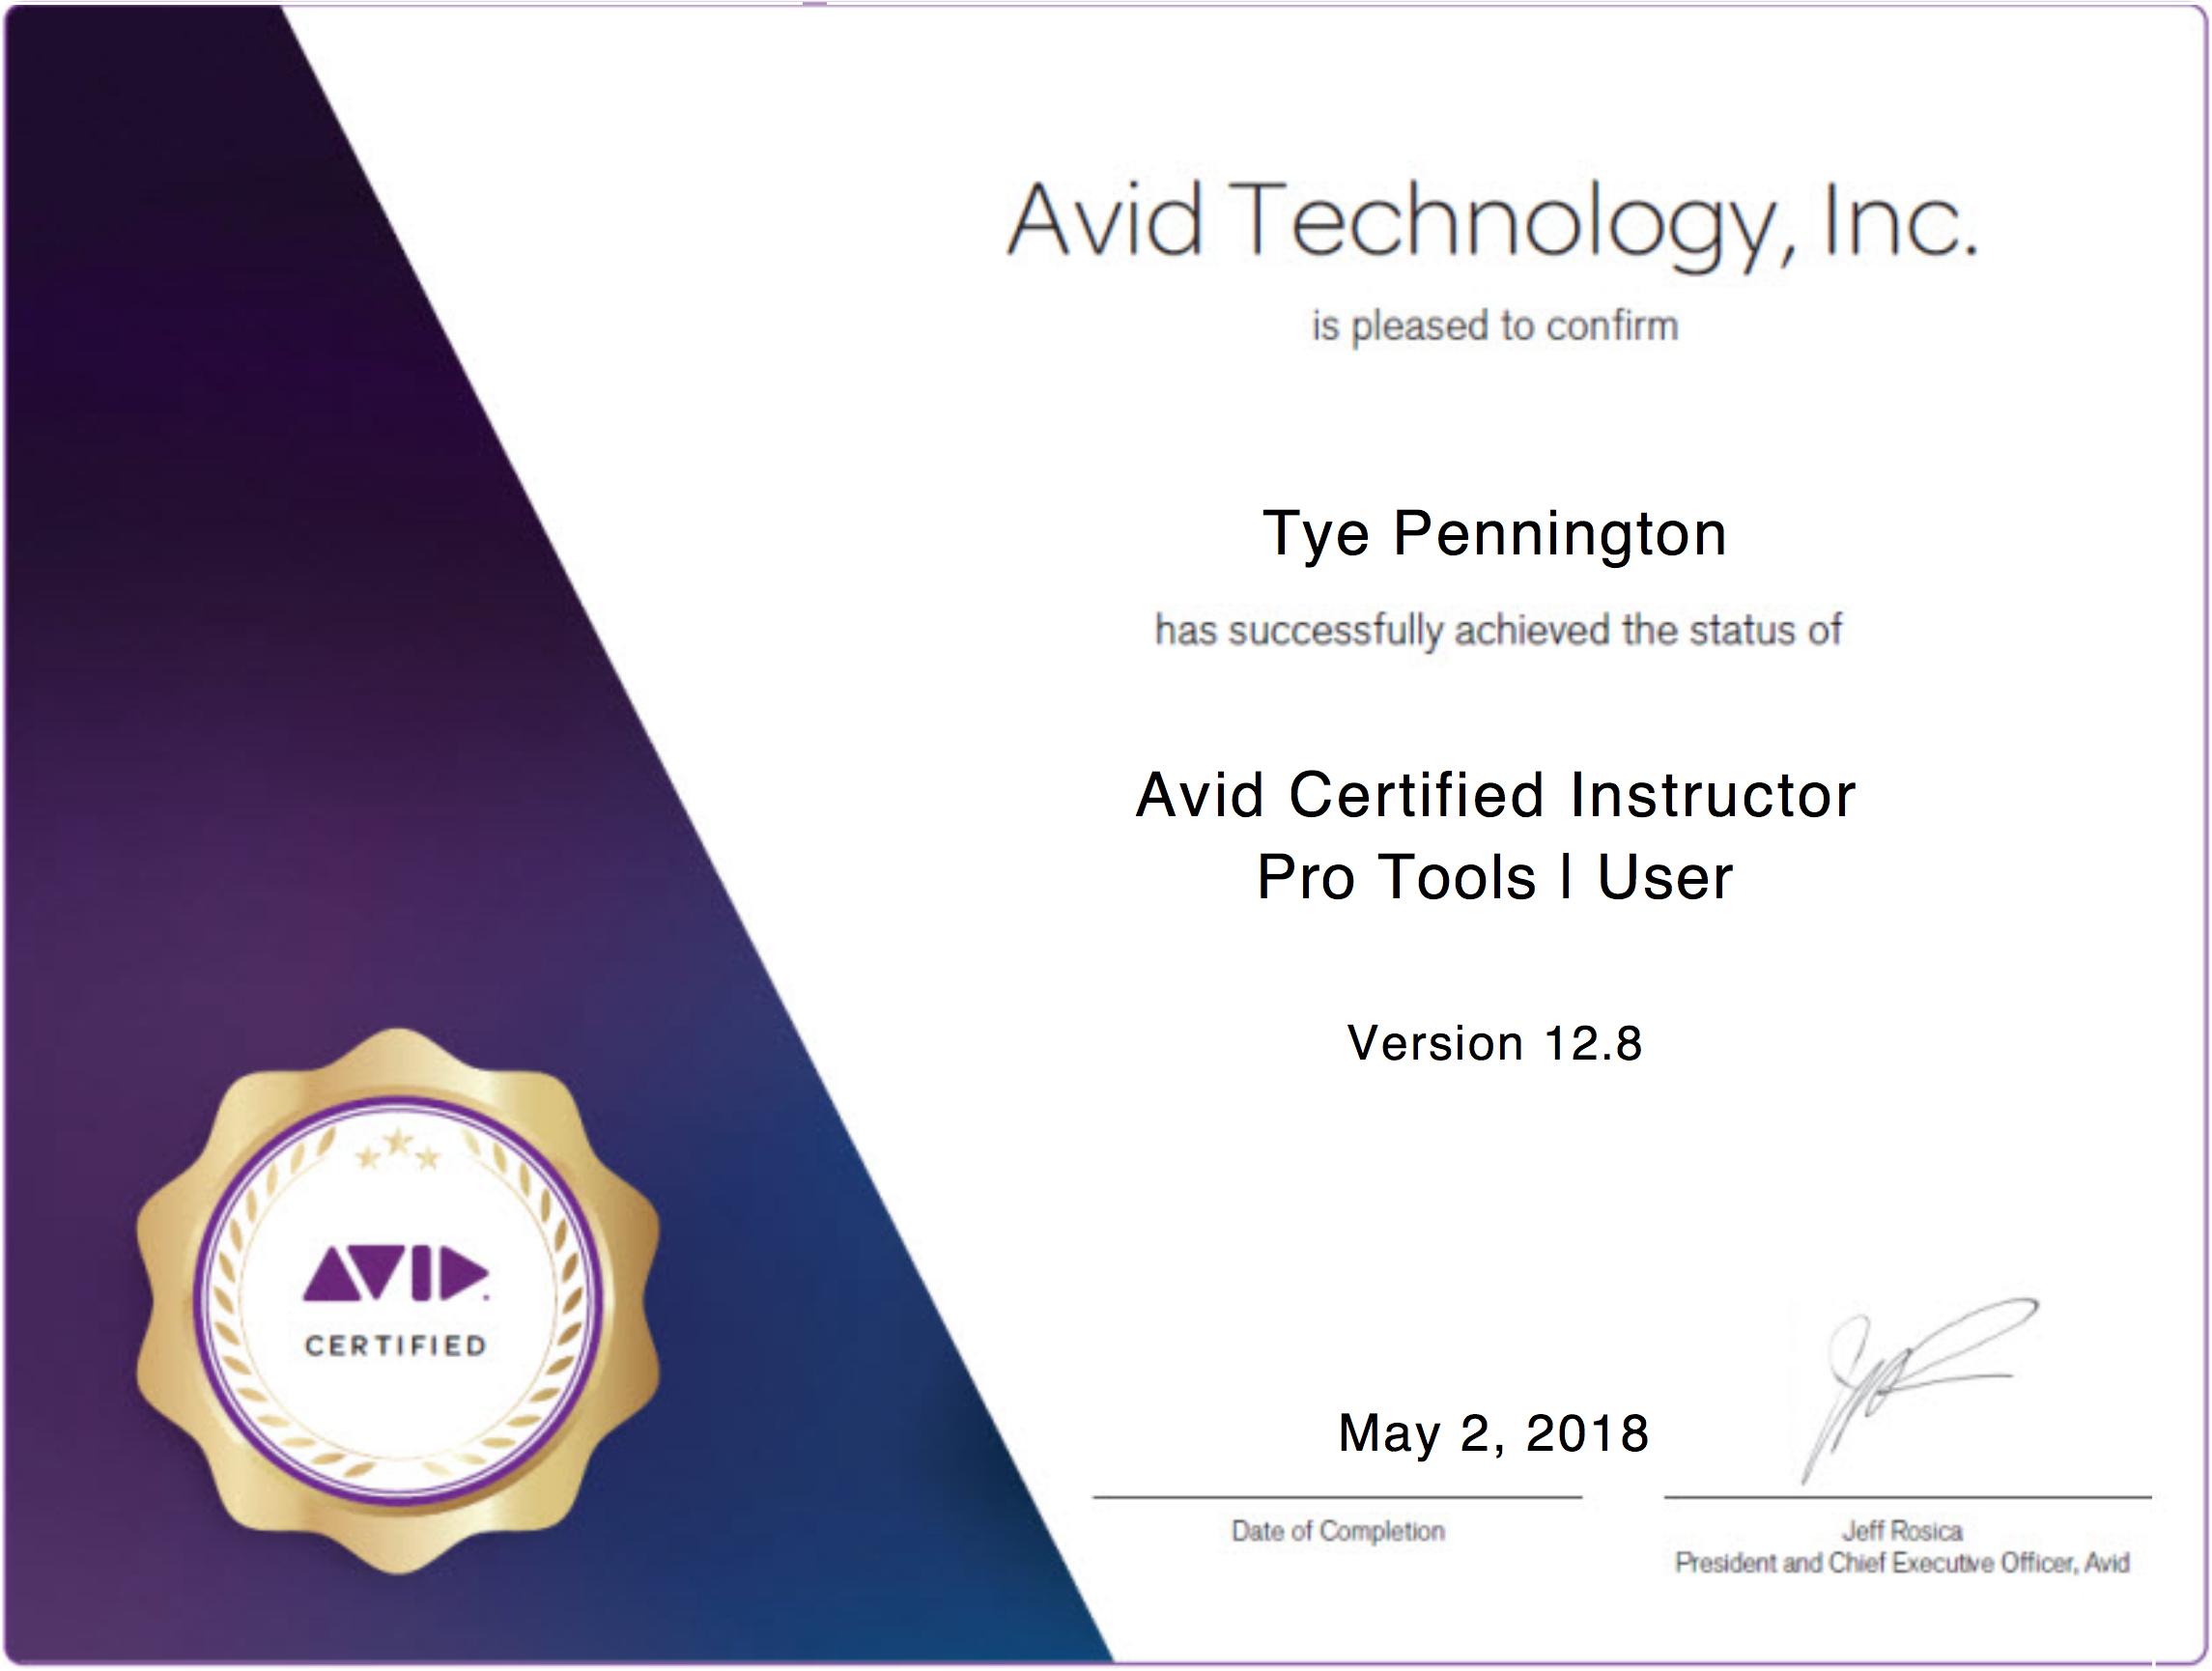 Avid ACI Certification